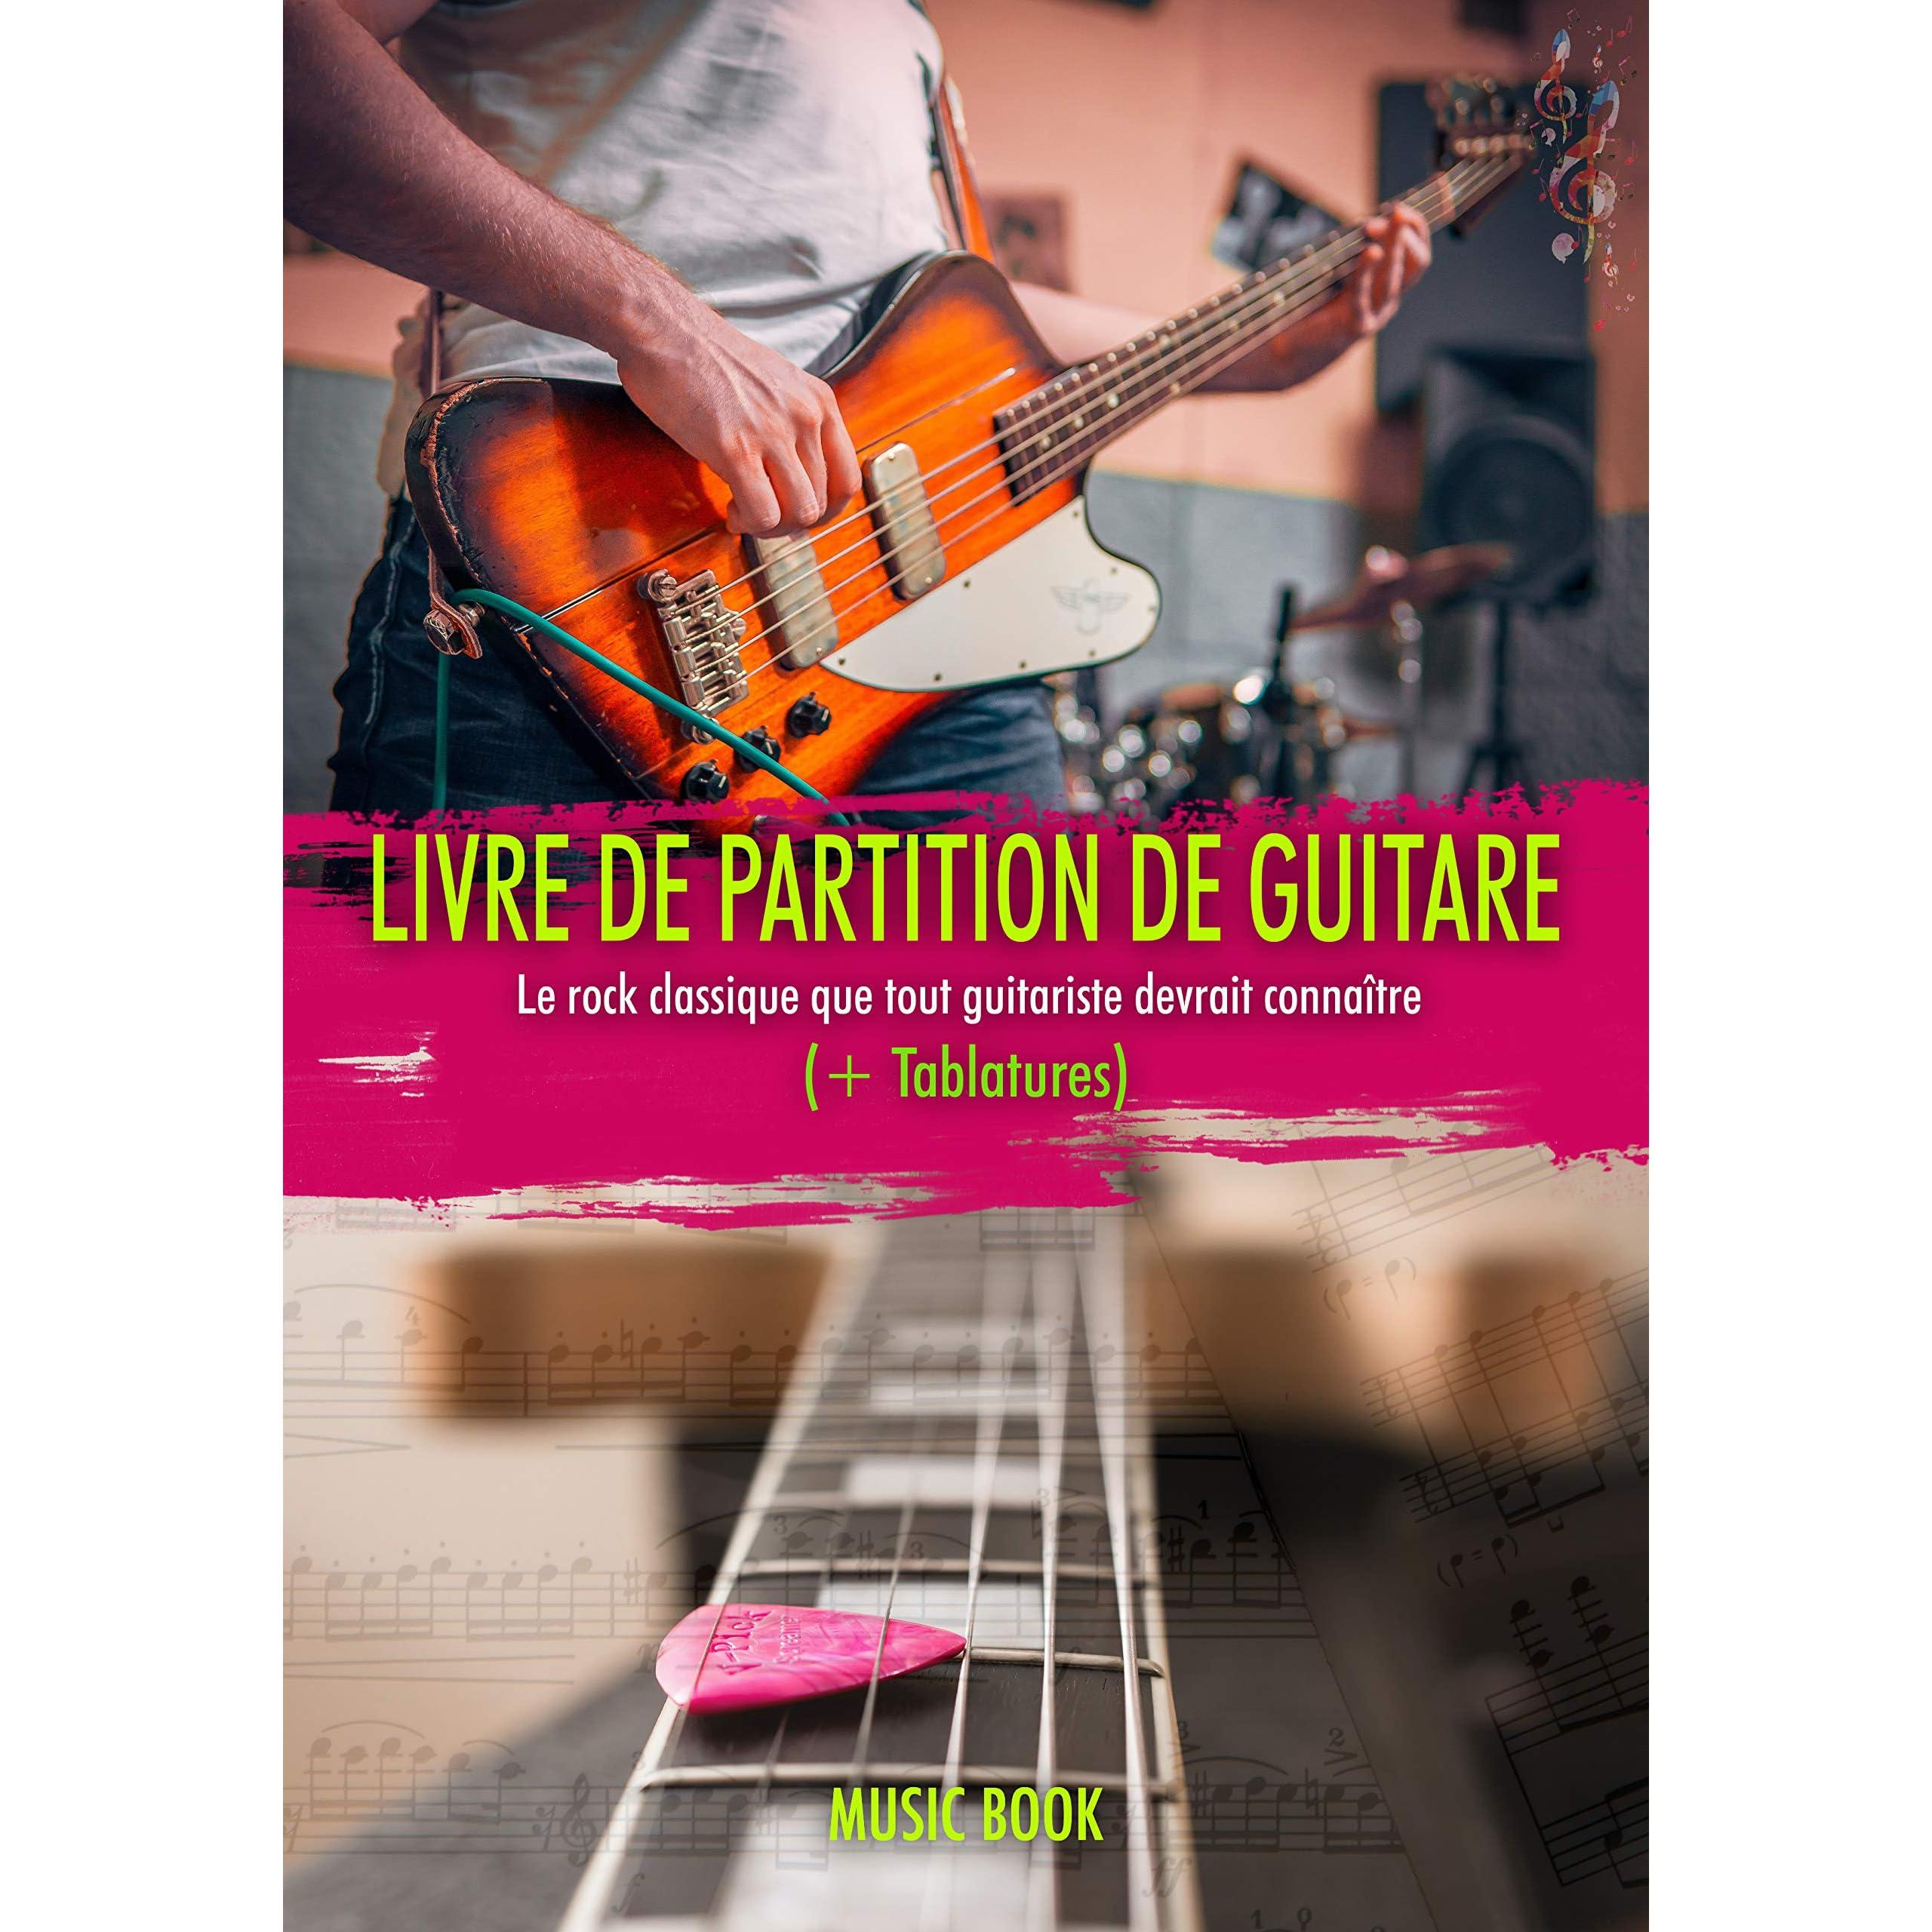 Livre De Partition De Guitare Le Rock Classique Que Tout Guitariste Devrait Connaître Tablatures Tablatures De Guitare Faciles Des Meilleures Chansons Pour Apprendre à Jouer By Freddie Roberts